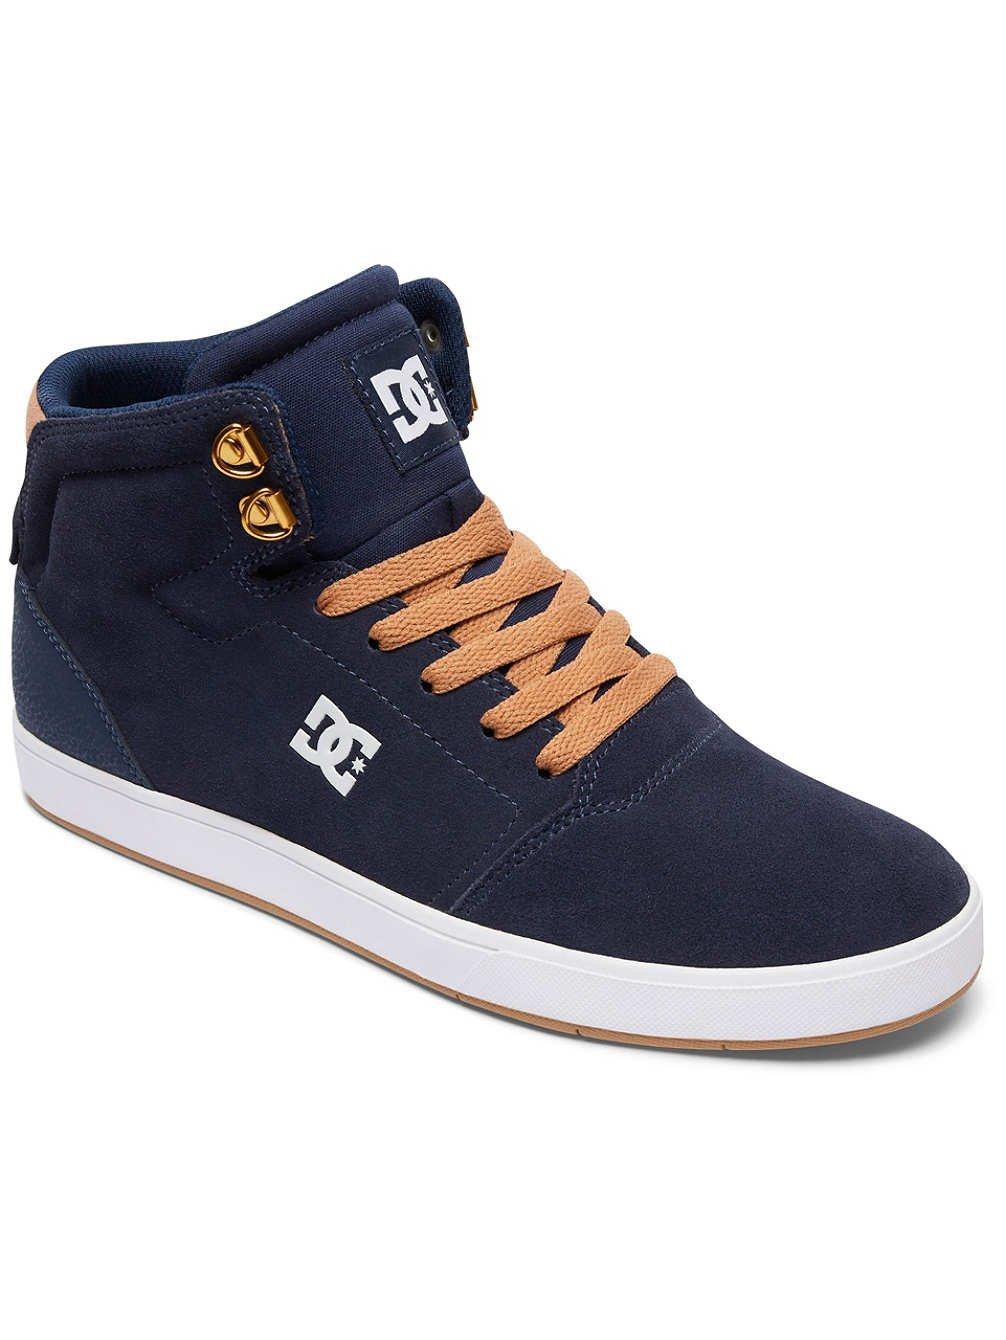 DC Shoes Crisis - Zapatillas para Hombre 44.5 EU Azul